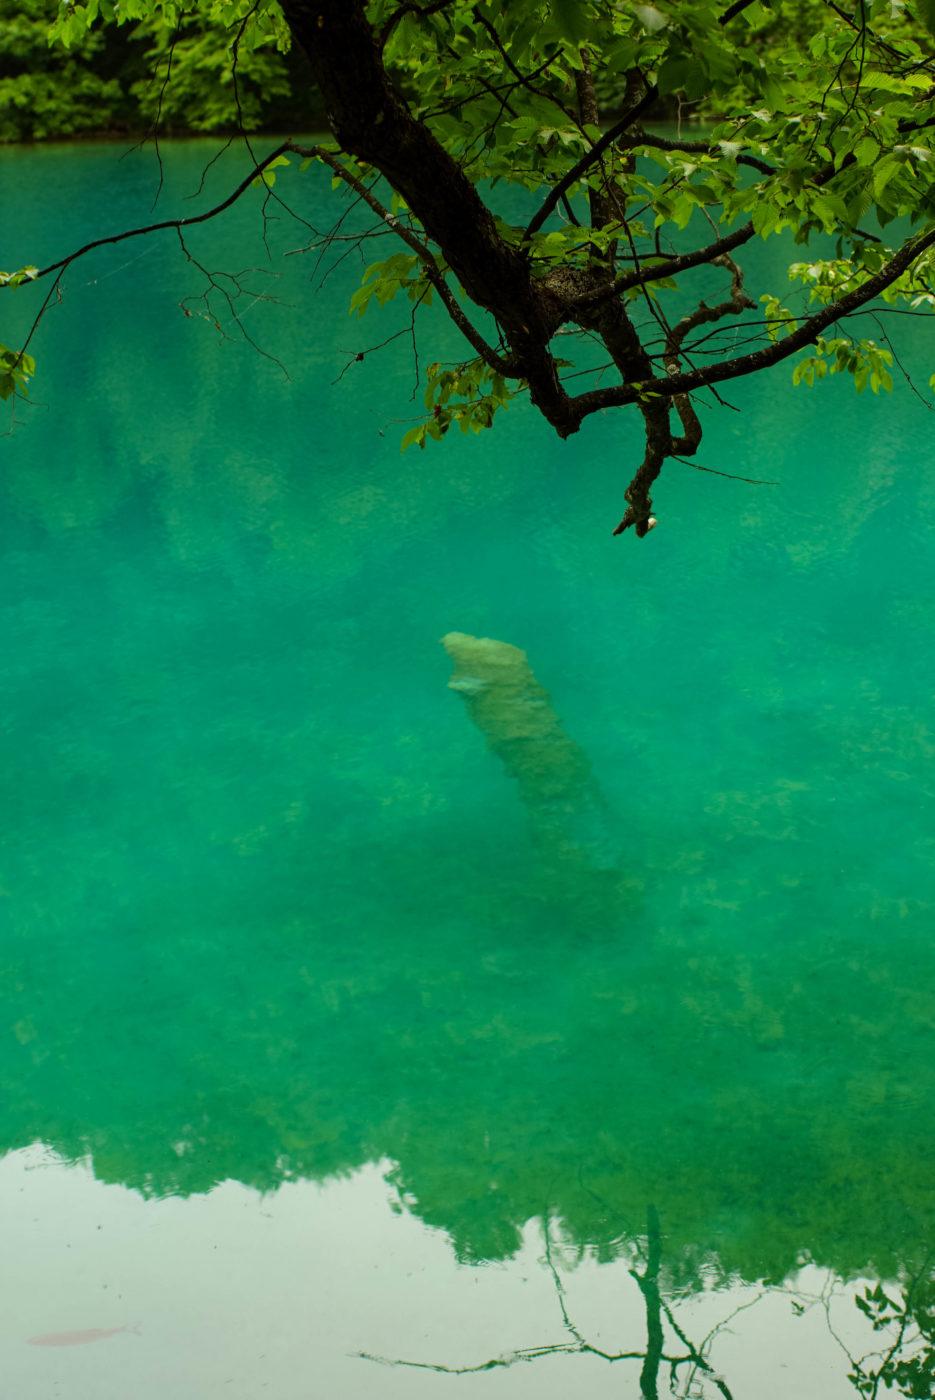 Blick auf türkis grünes Wasser. Im Zentrum ist ein abgestorbenem Baumstumpf mit Mineralablagerungen unter Wasser zu sehen.